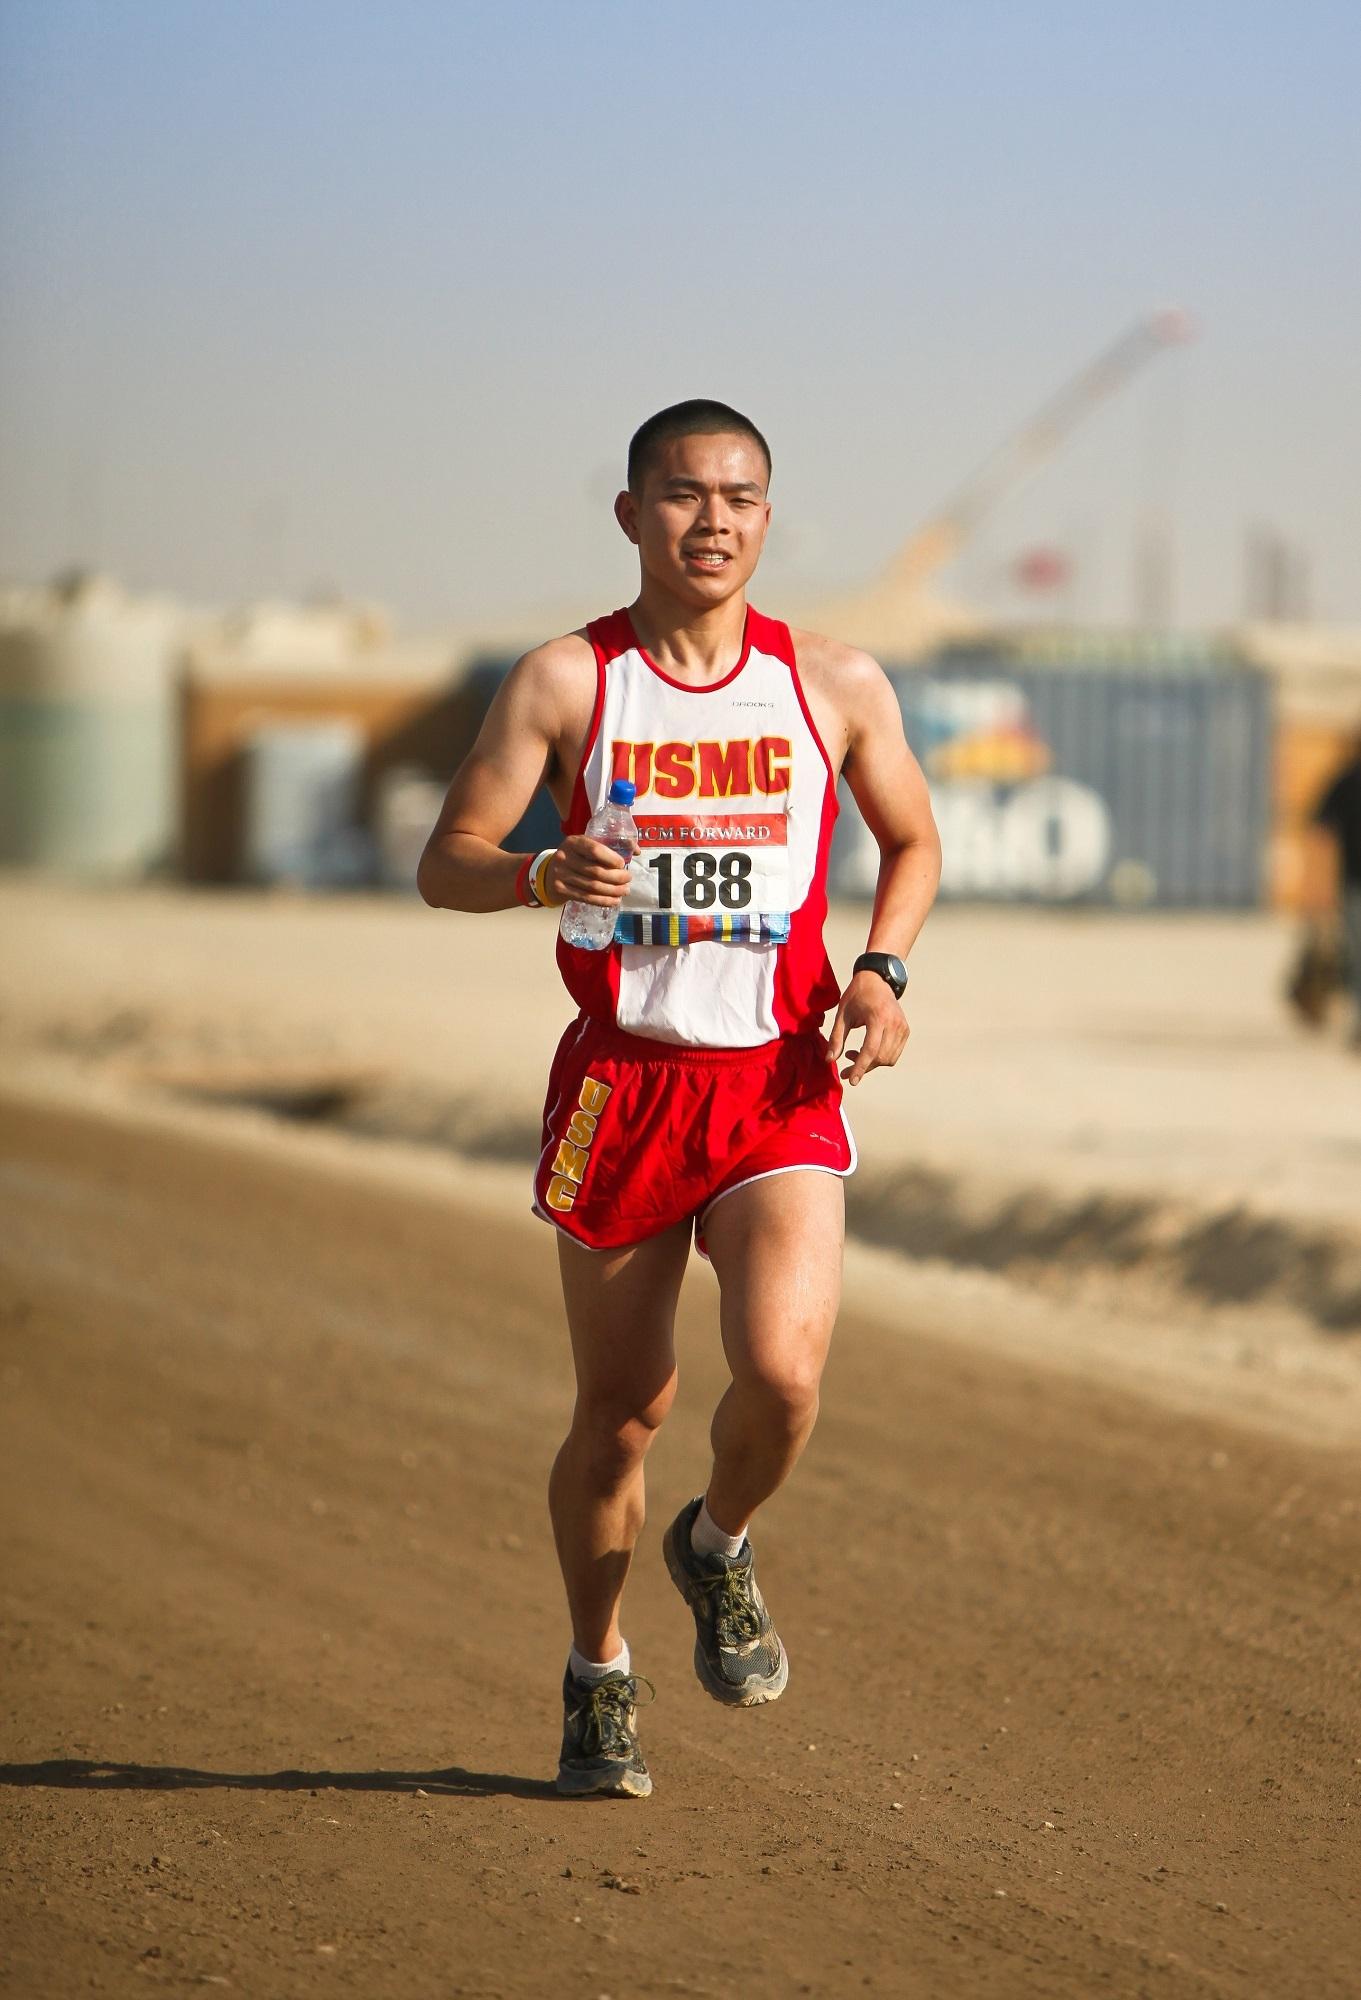 L'utilizzo dell'allenamento aerobico nello sviluppo della massa muscolare